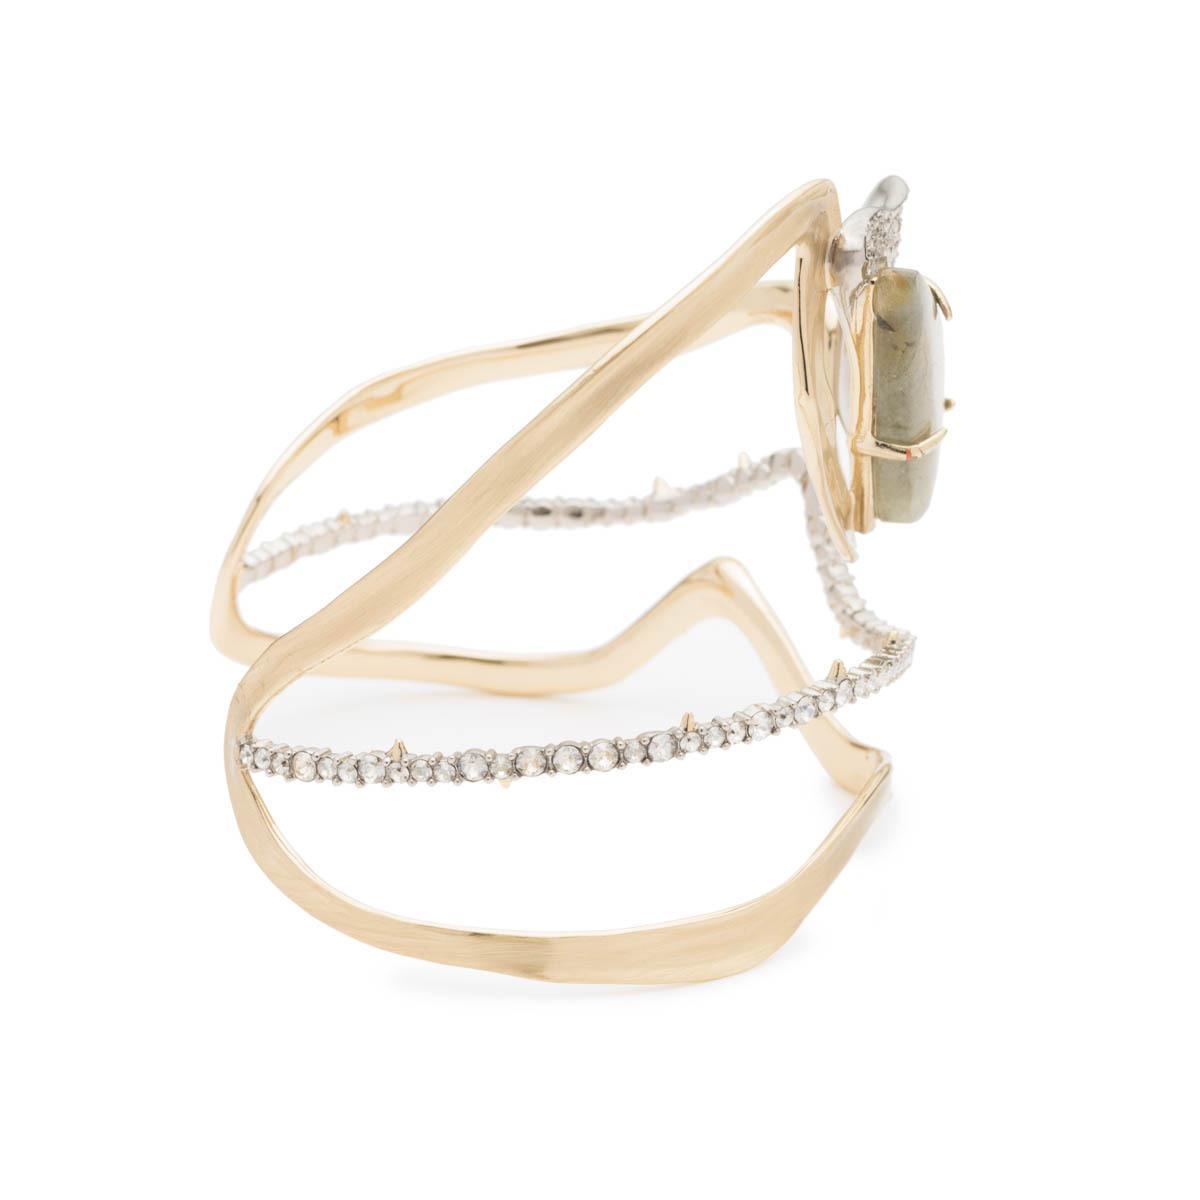 Alexis Bittar Freeform Roxbury Cuff Bracelet wxS3cB